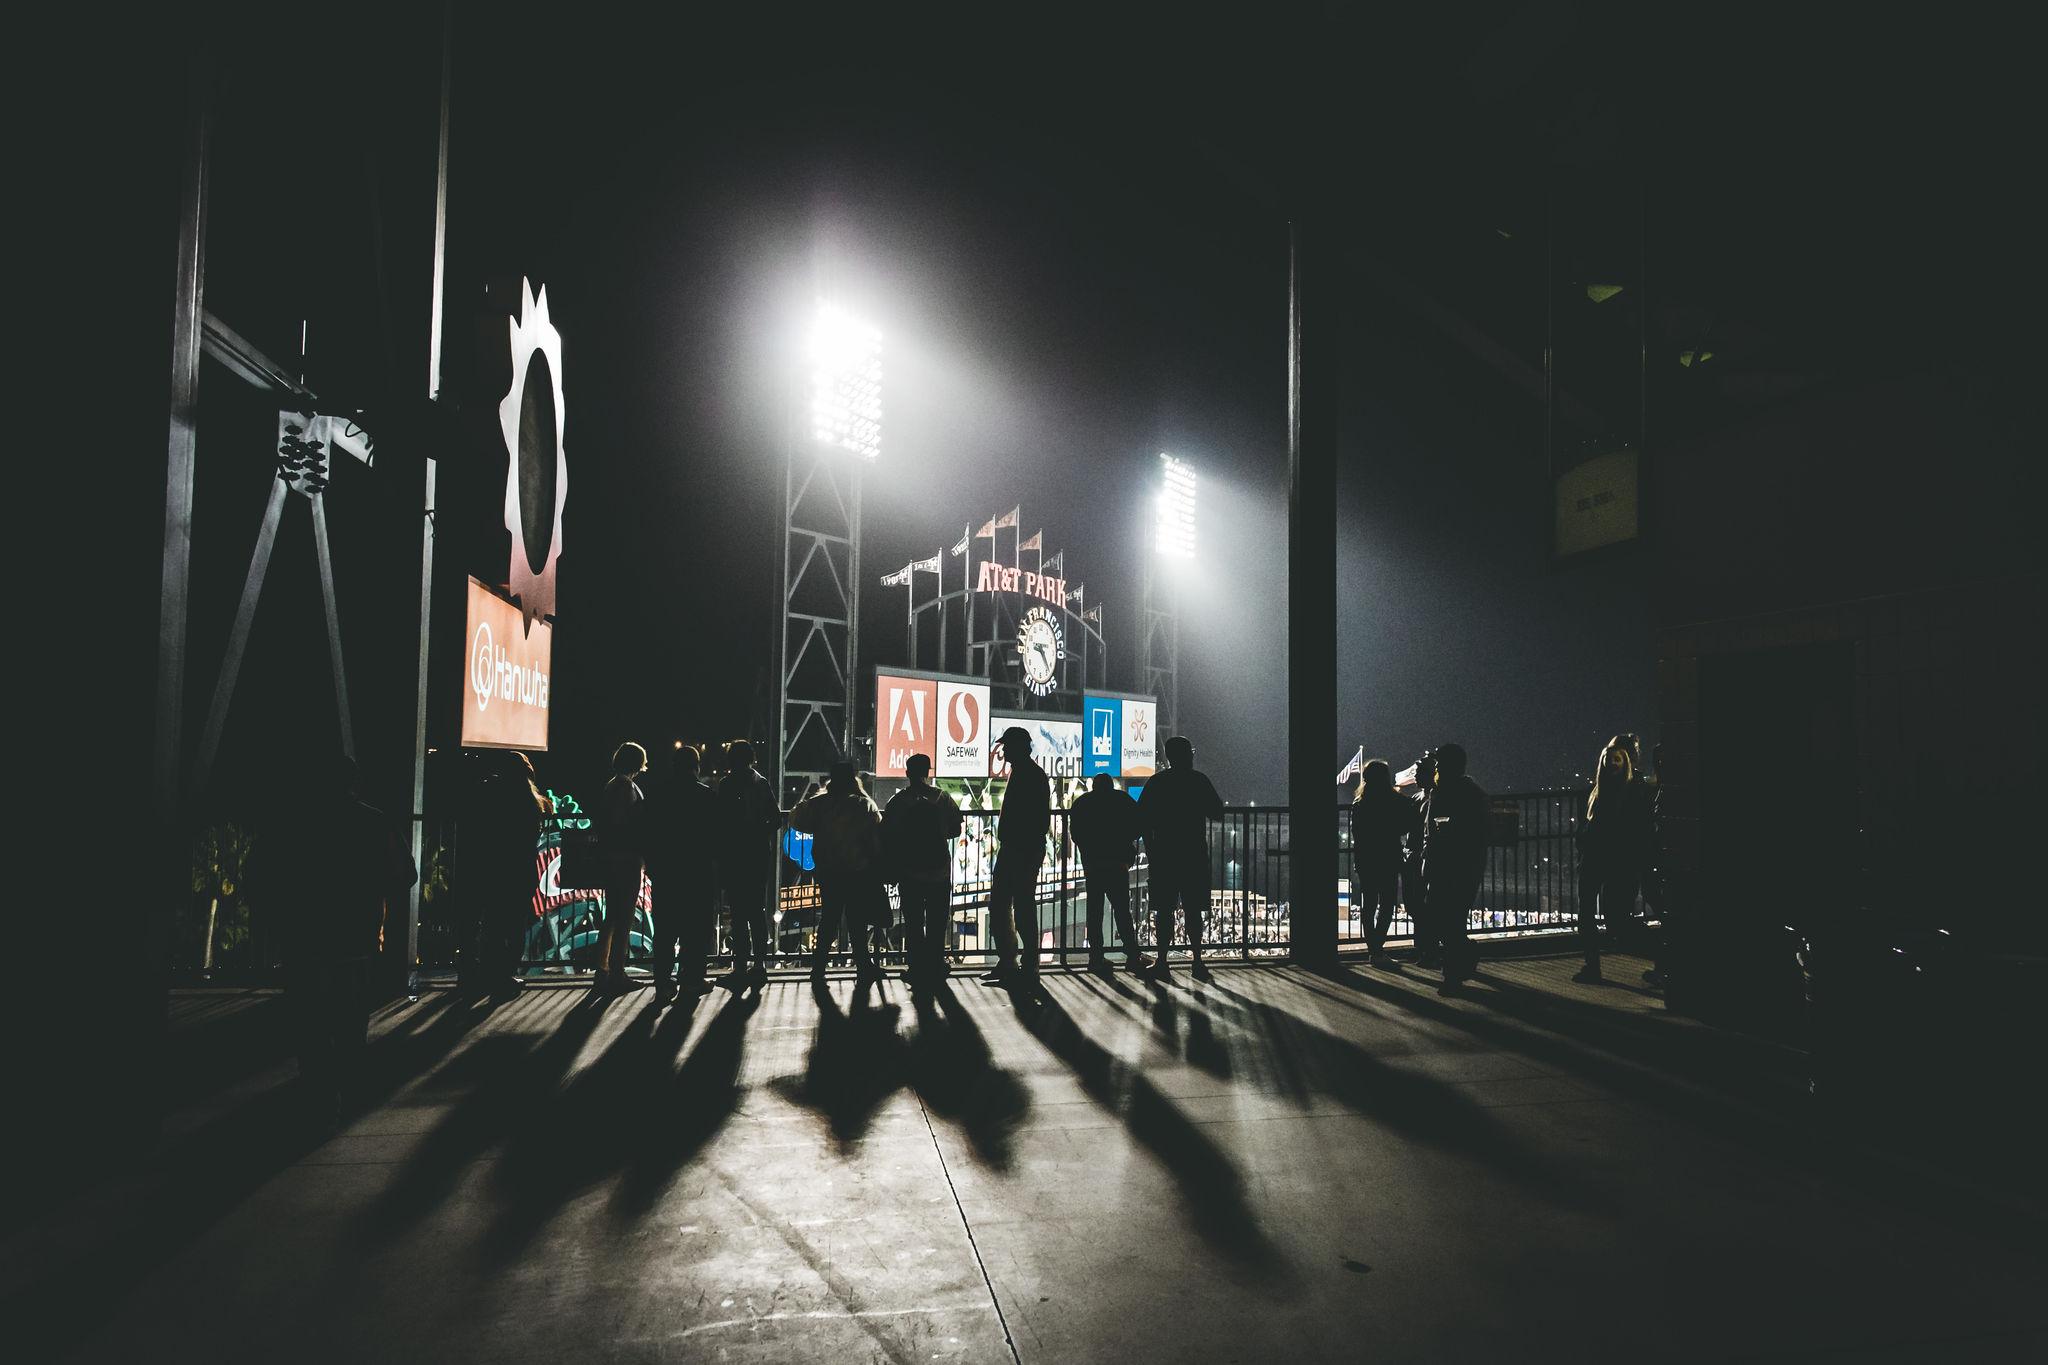 Busy ballpark